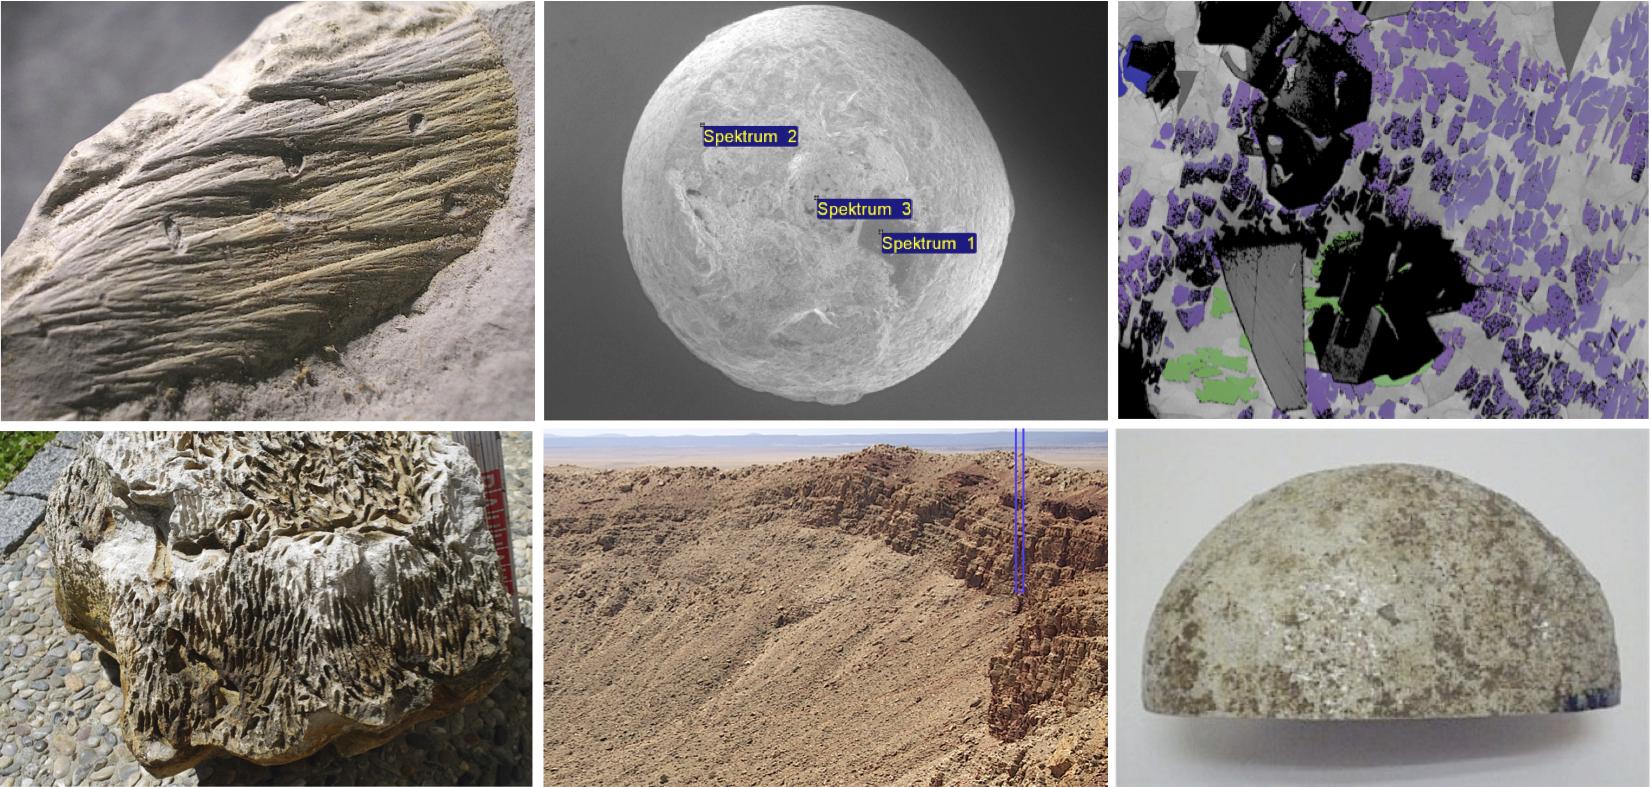 Bilder zum Kommentar des LfU-Meteoriten-Buchs